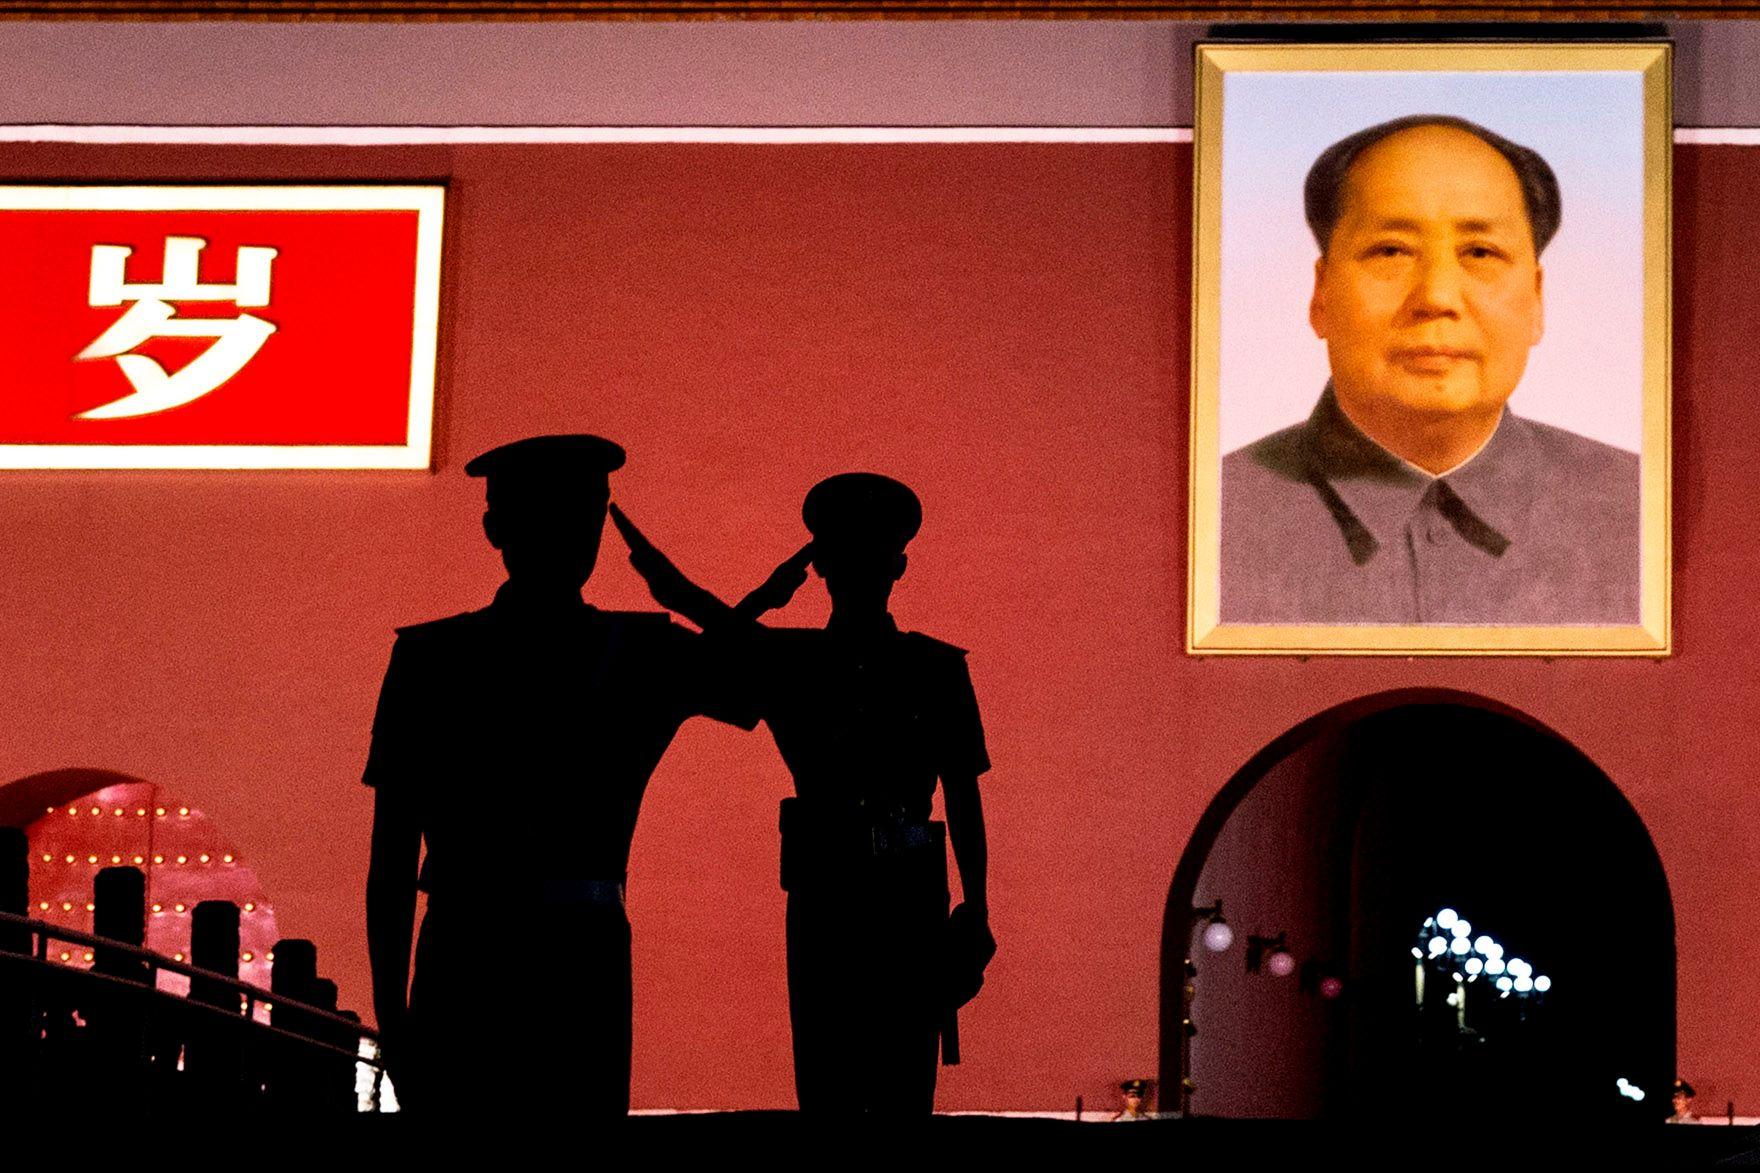 Giấc mơ lãnh thổ của Mao Trạch Đông vẫn đeo đẳng Trung Quốc?